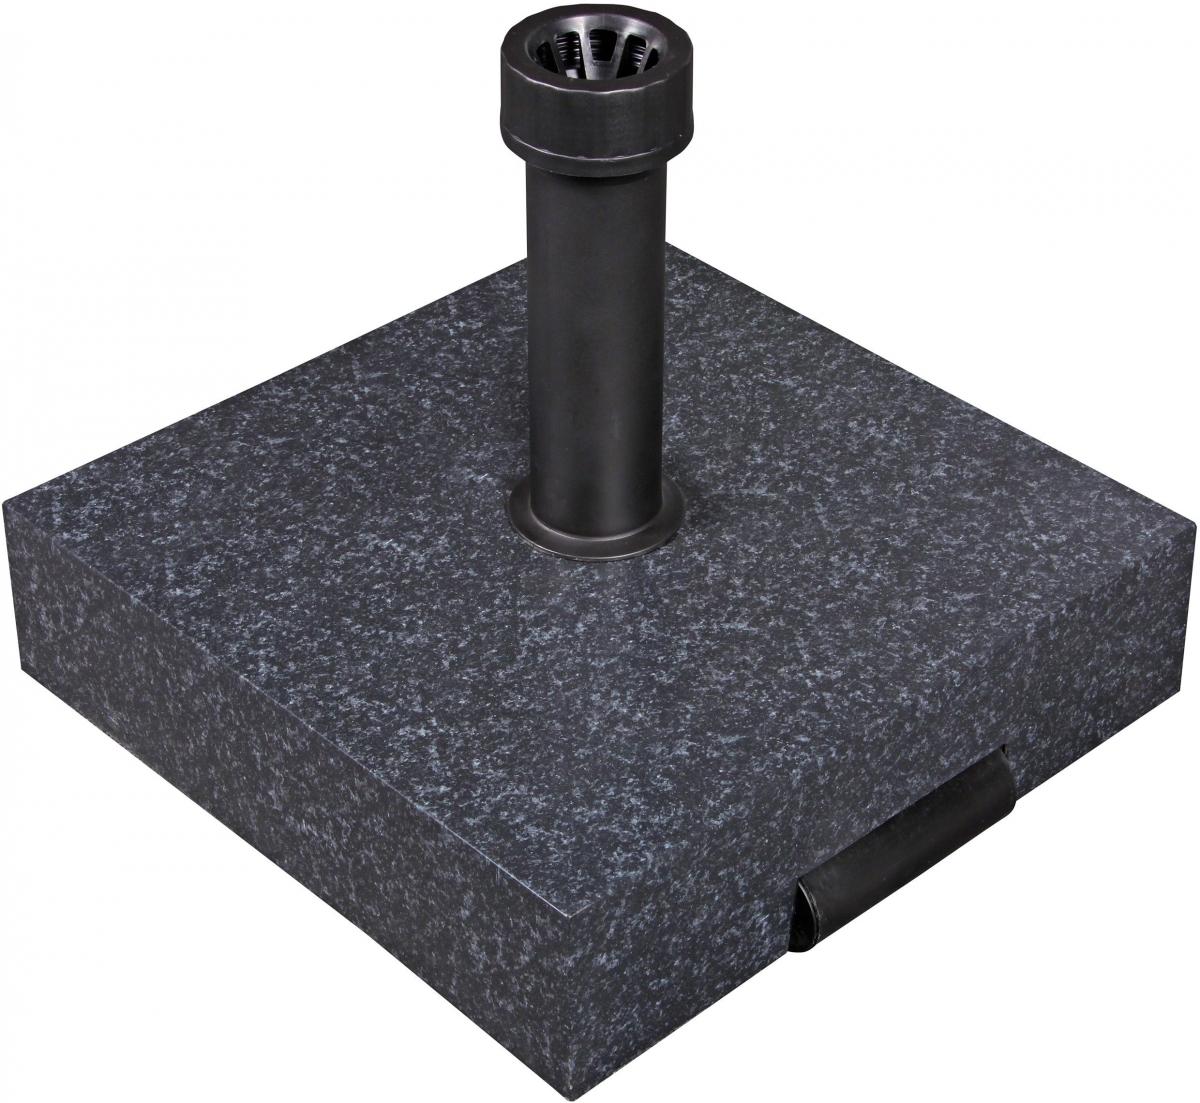 Profi betonový stojan s kolečky pro slunečníky Doppler, 40 kg